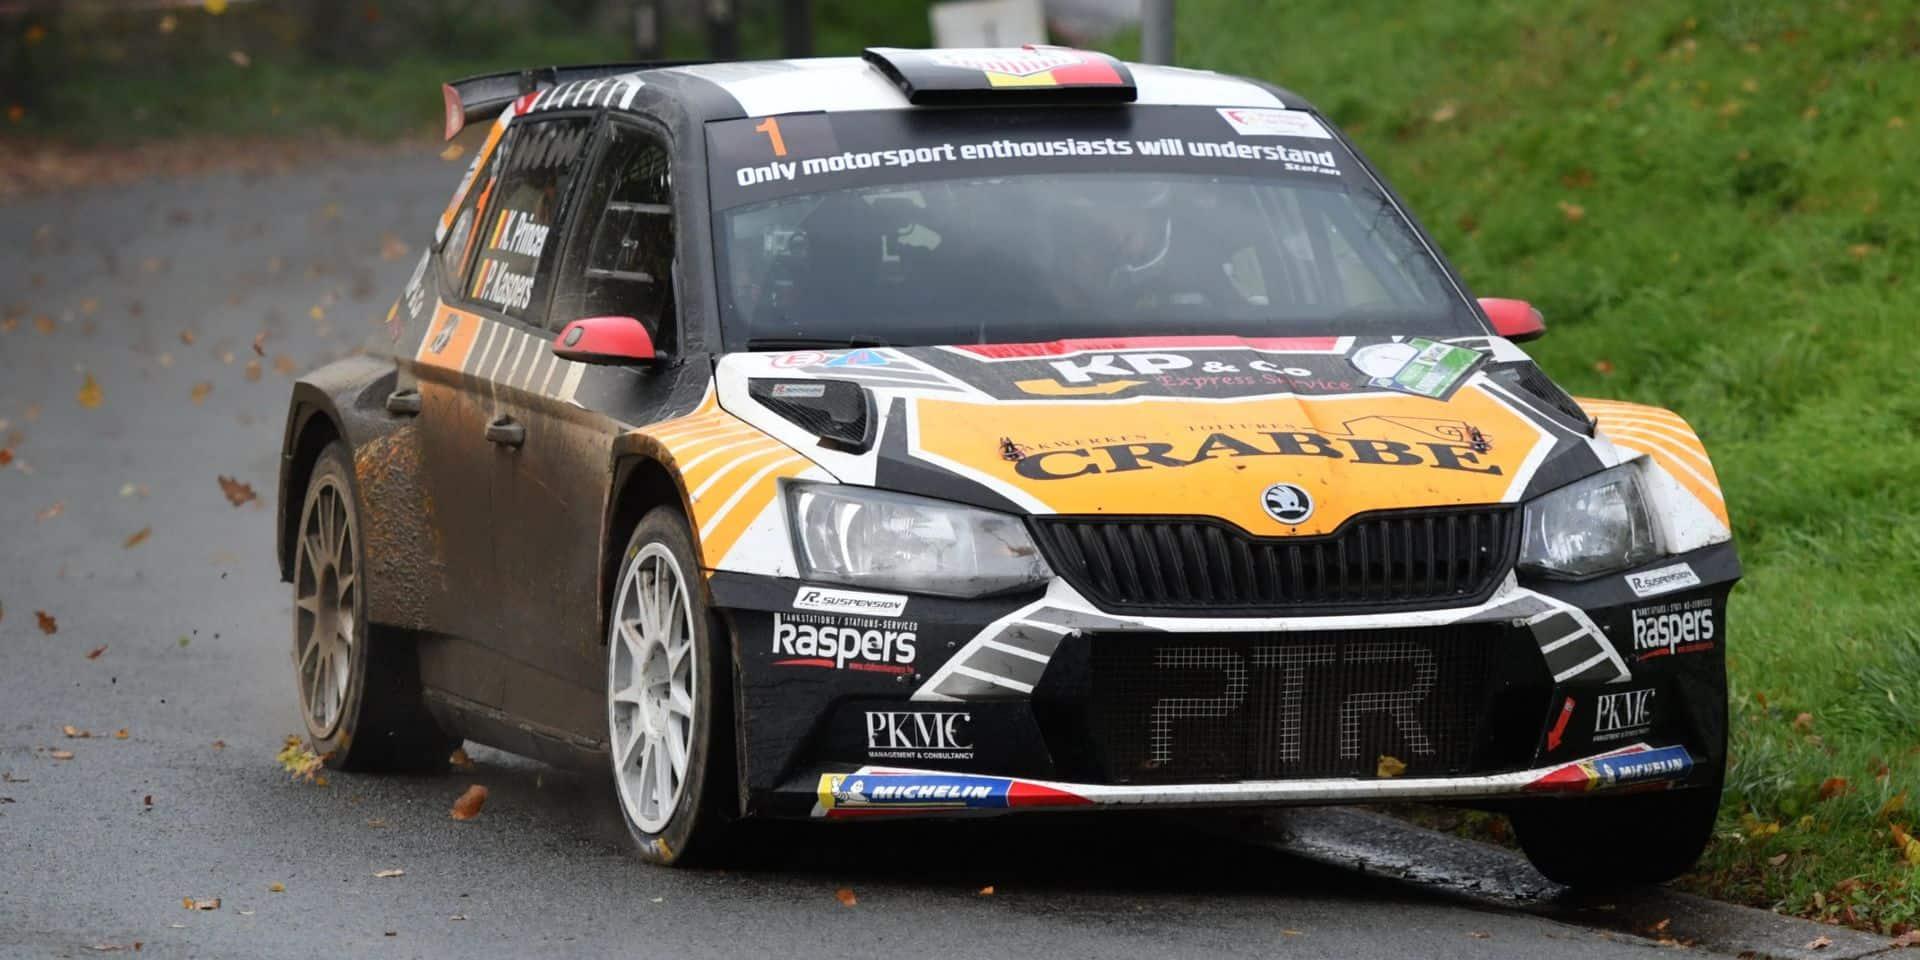 Rallye du Condroz (Après ES17) : Princen jette le gant, Fernémont en route vers le titre !